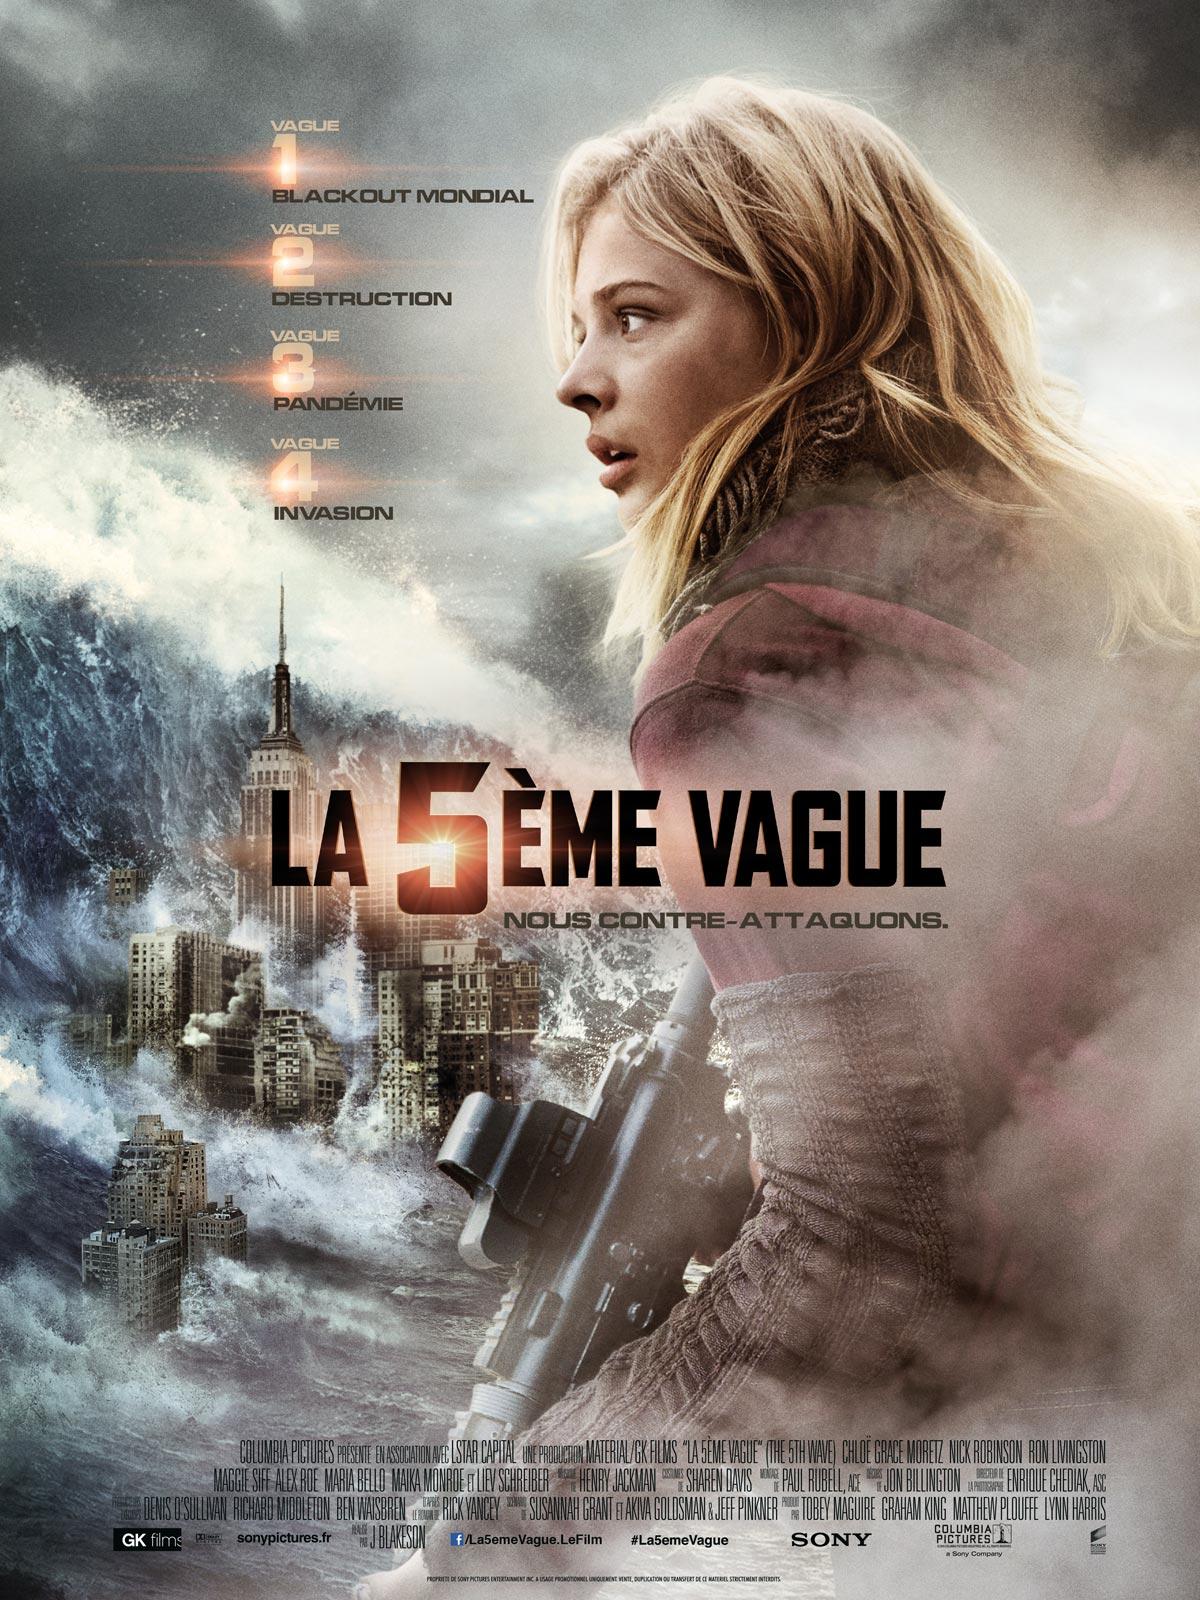 Achat La 5ème vague en Blu Ray - AlloCiné